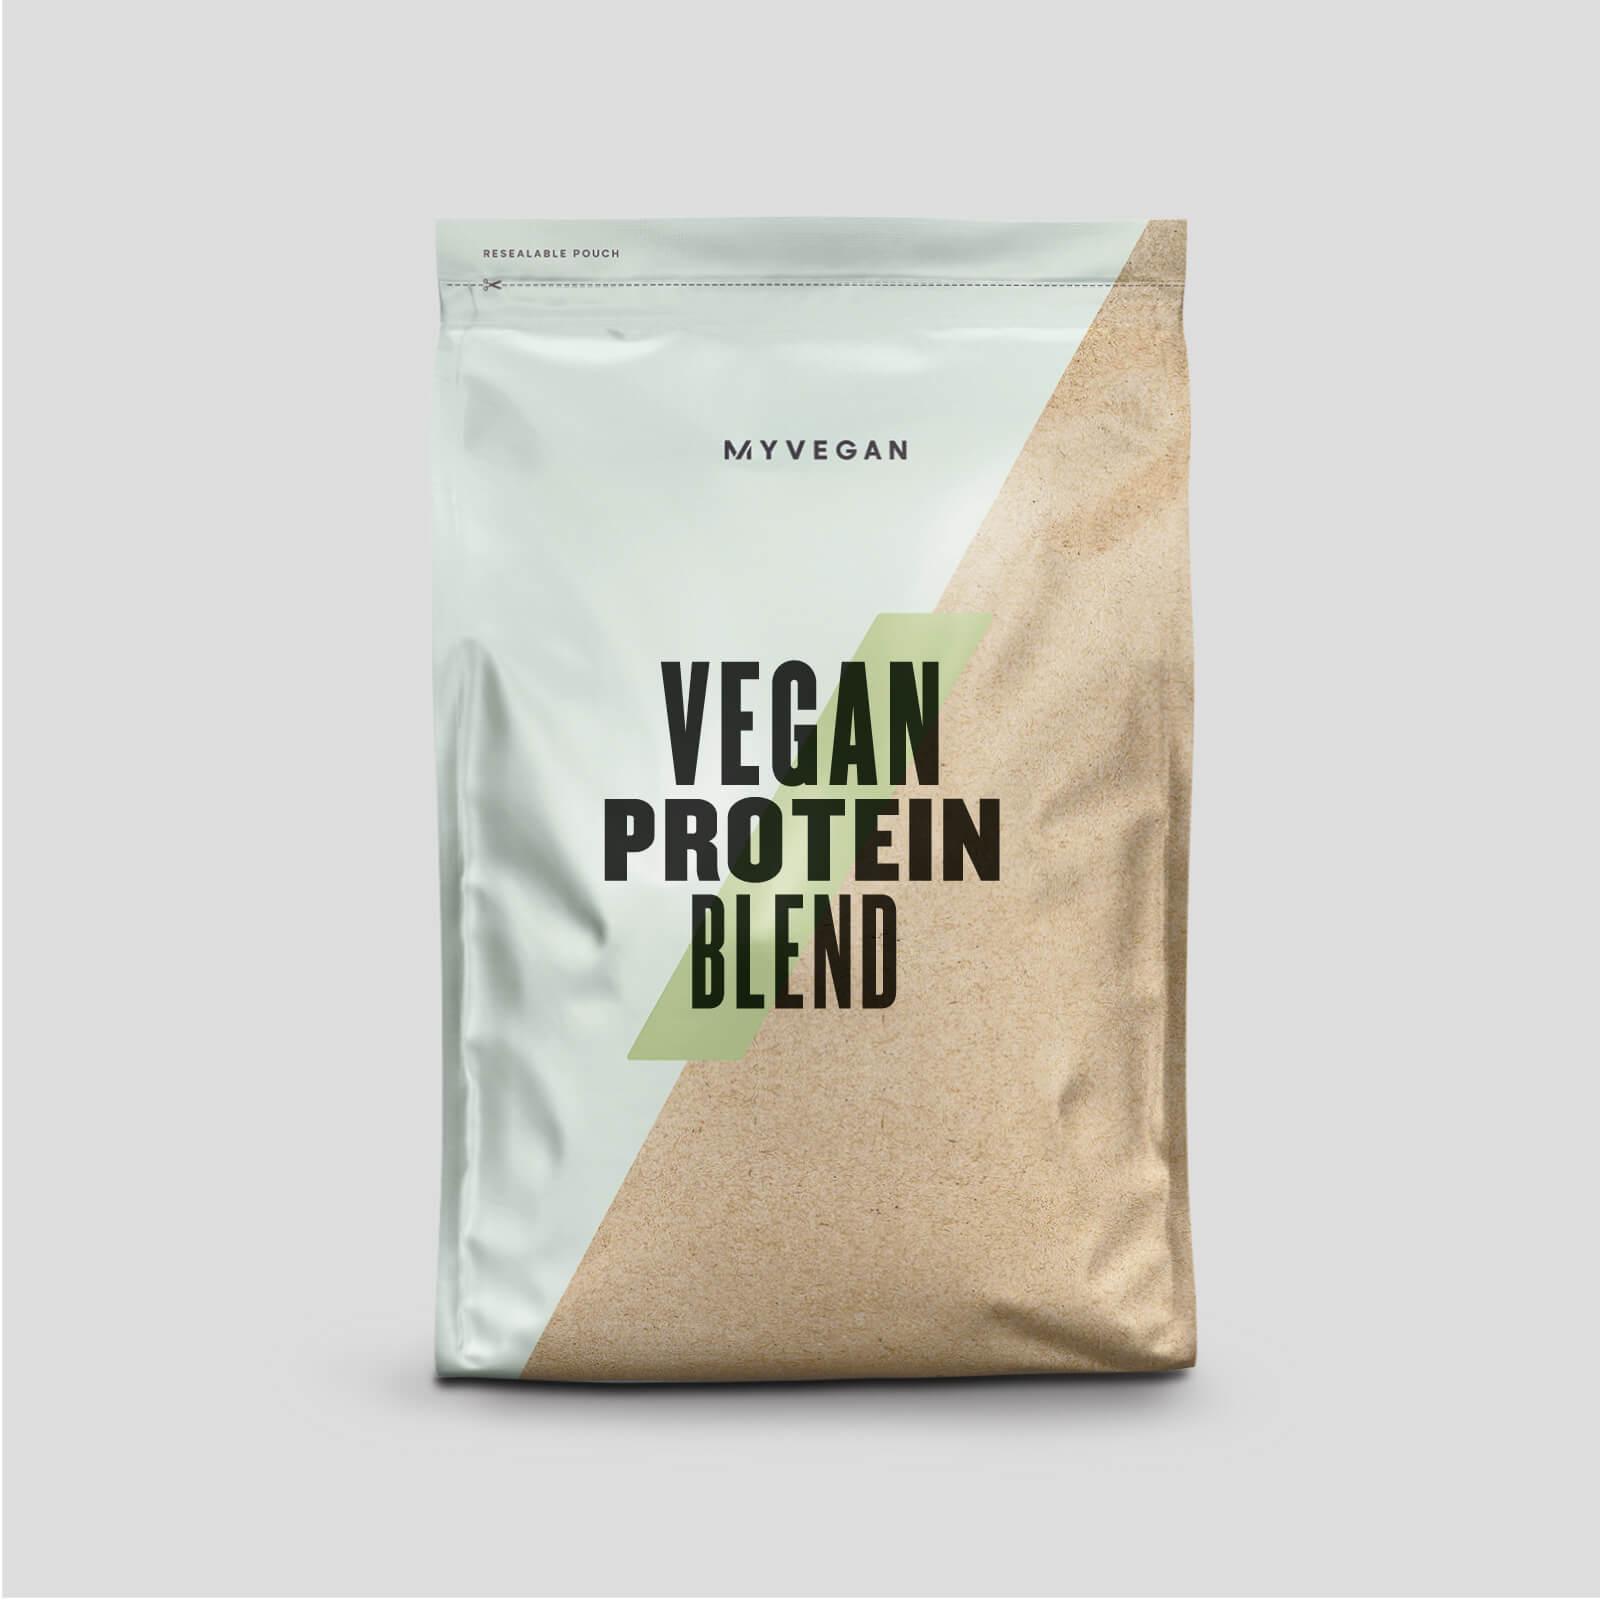 Myvegan Mélange de protéines végétales - 500g - Turmeric Latte